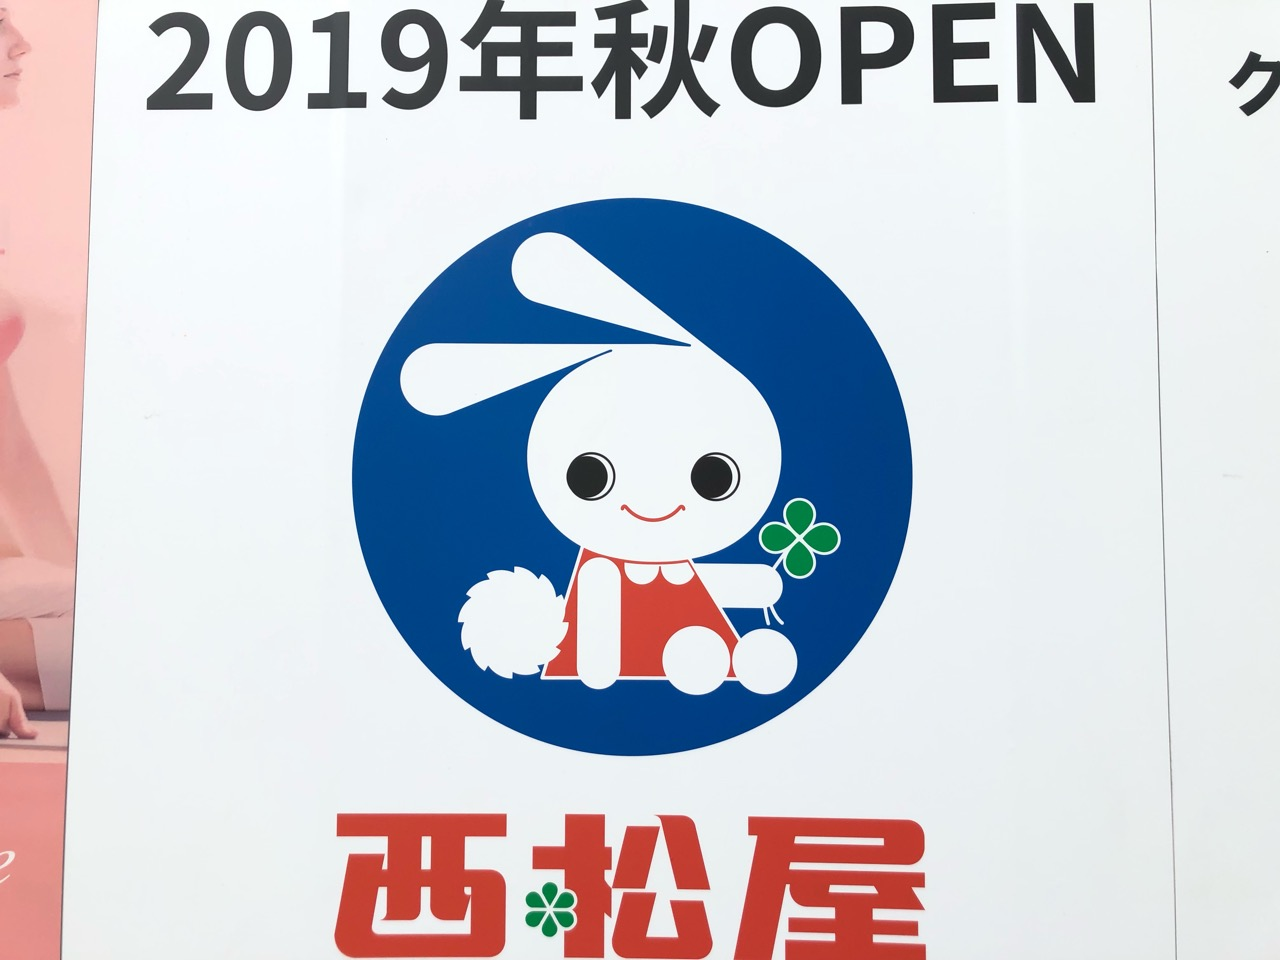 2019年10月オープン予定のクロスモールに入る西松屋